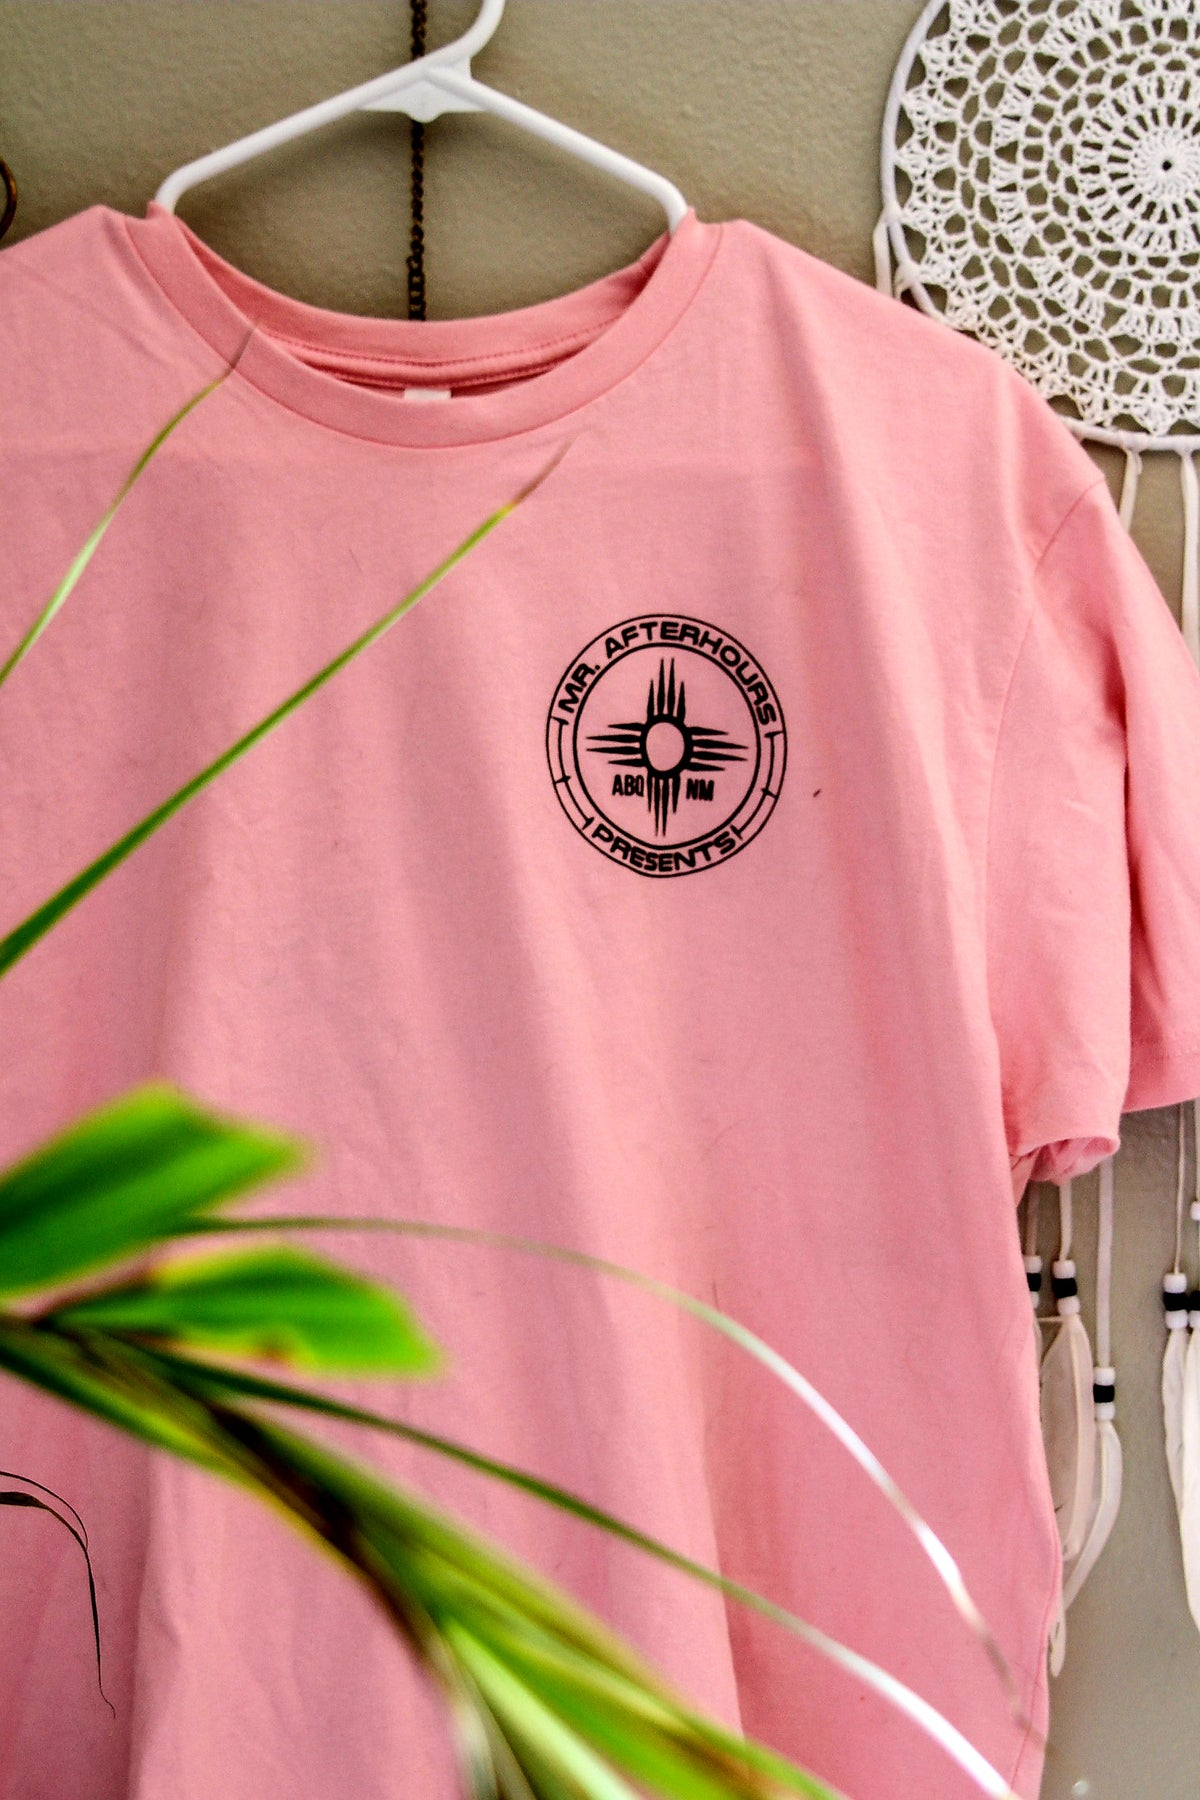 Black on Pink Mr Afterhours